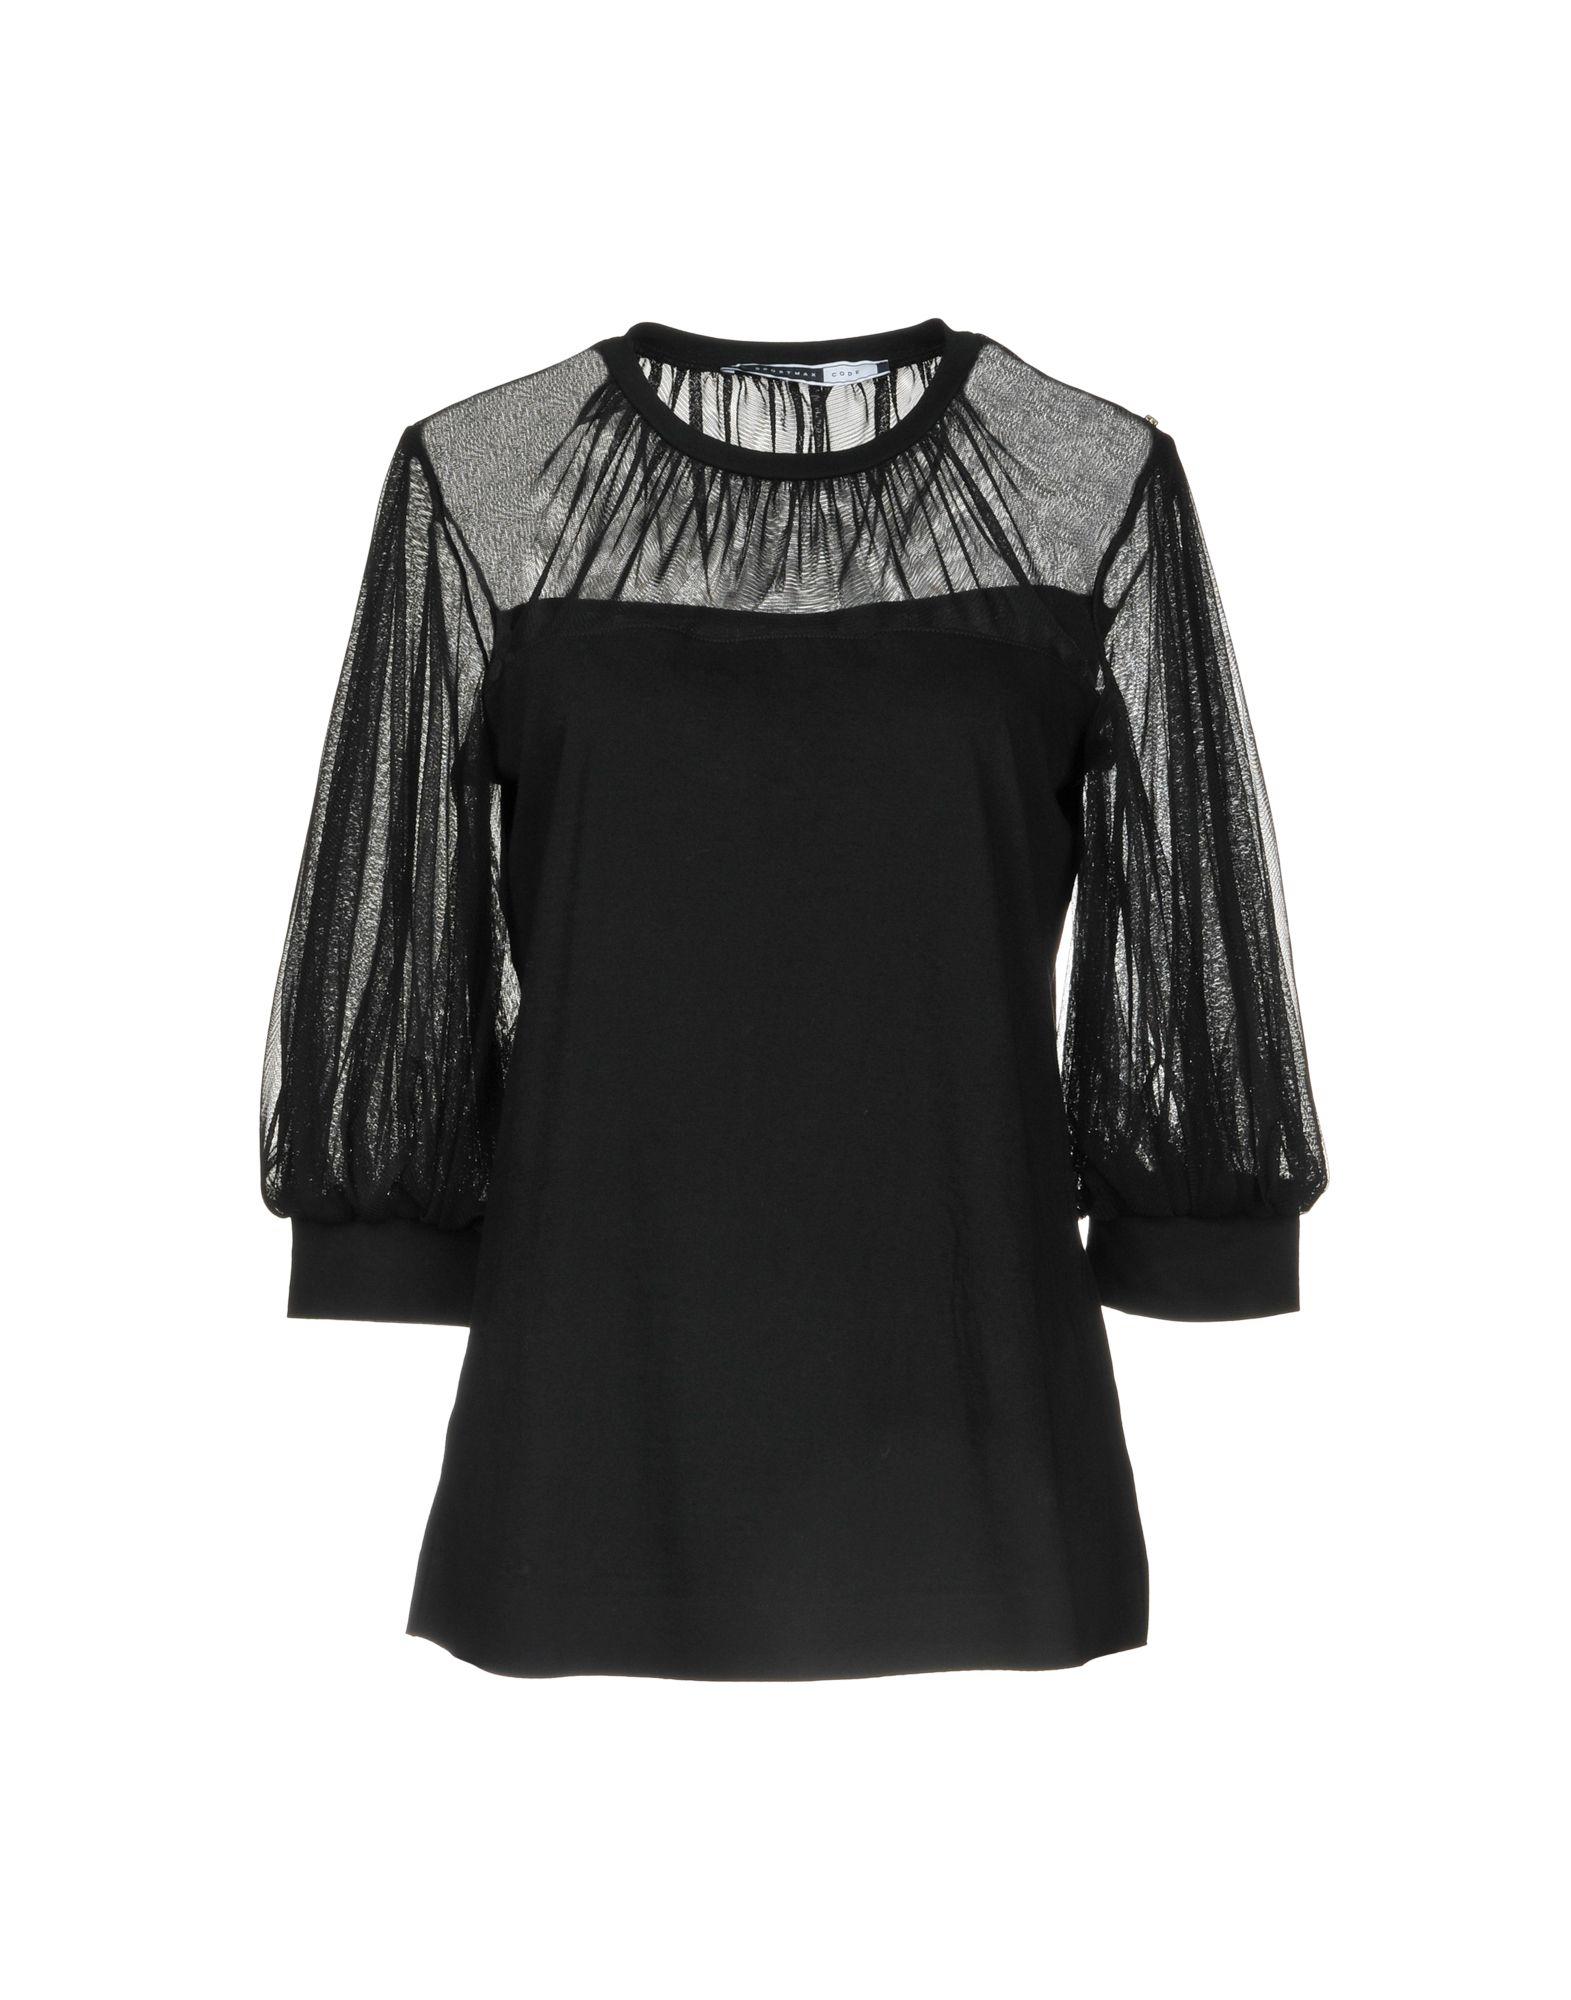 SPORTMAX CODE Damen Bluse Farbe Schwarz Größe 4